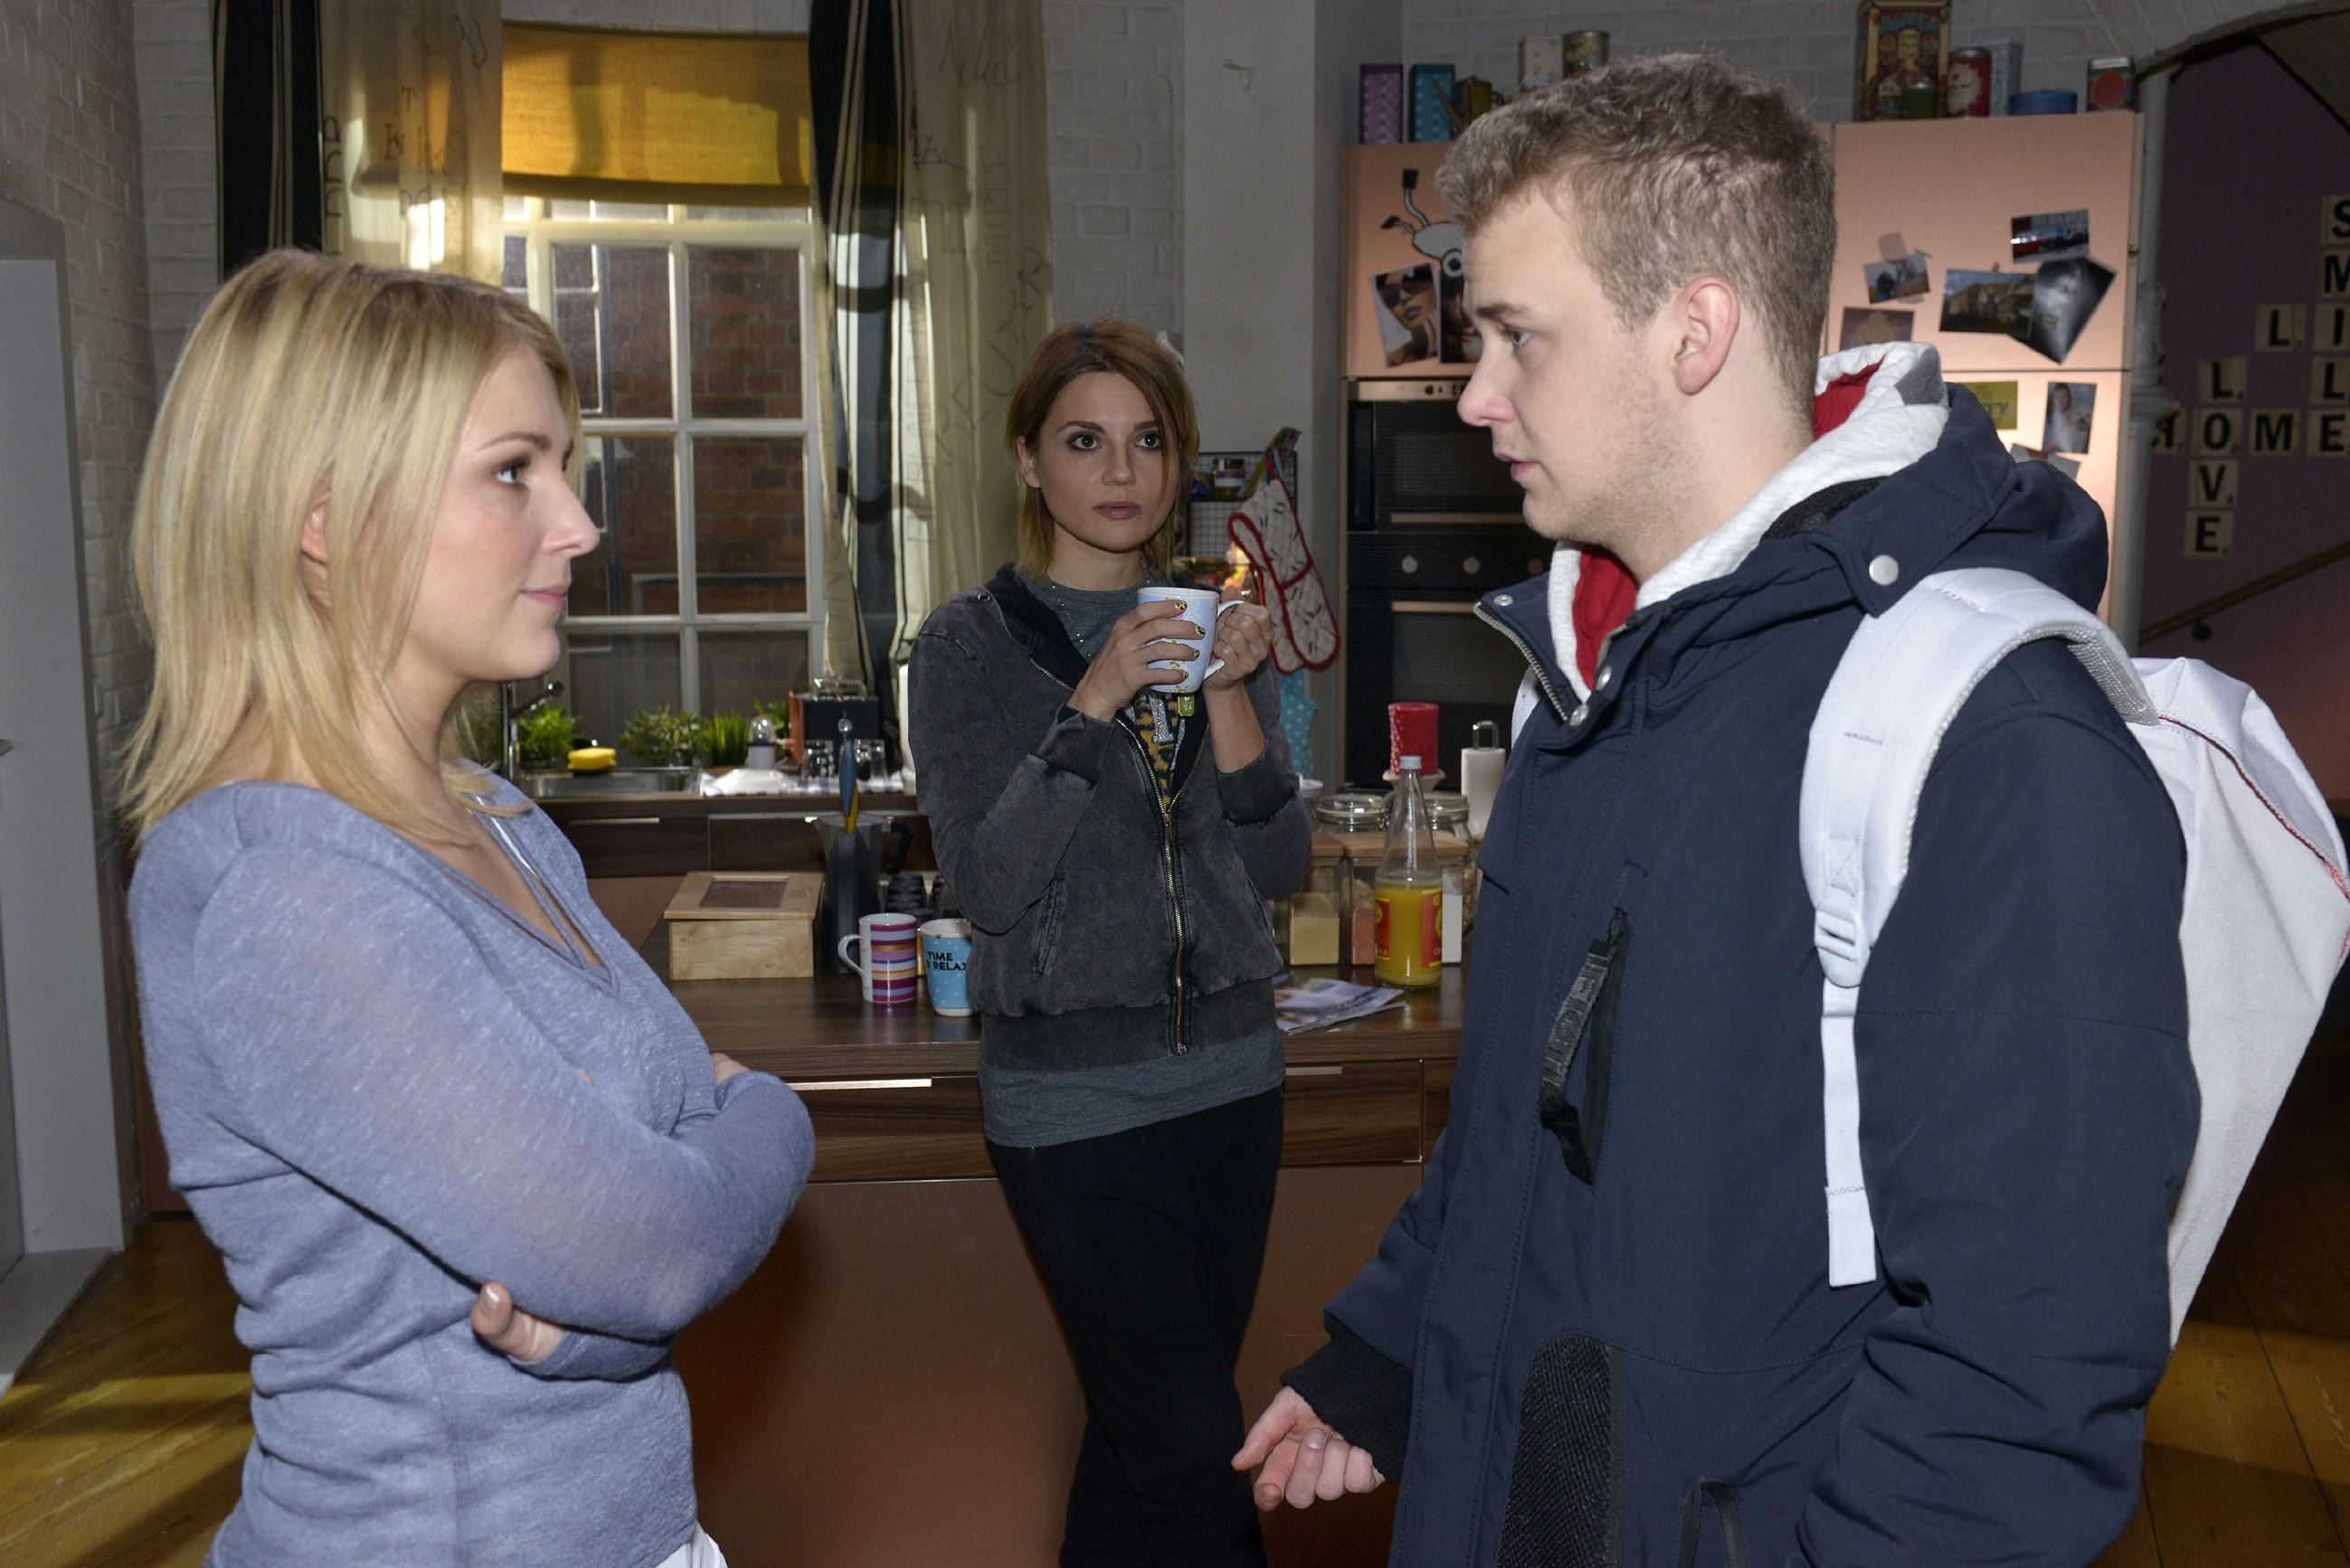 Lilly (Iris Mareike Steen, l.) weigert sich im Beisein von Anni (Linda Marlen Runge), Jonas (Felix van Deventer) ein gefälschtes Attest zu beschaffen. (Quelle: RTL / Rolf Baumgartner)